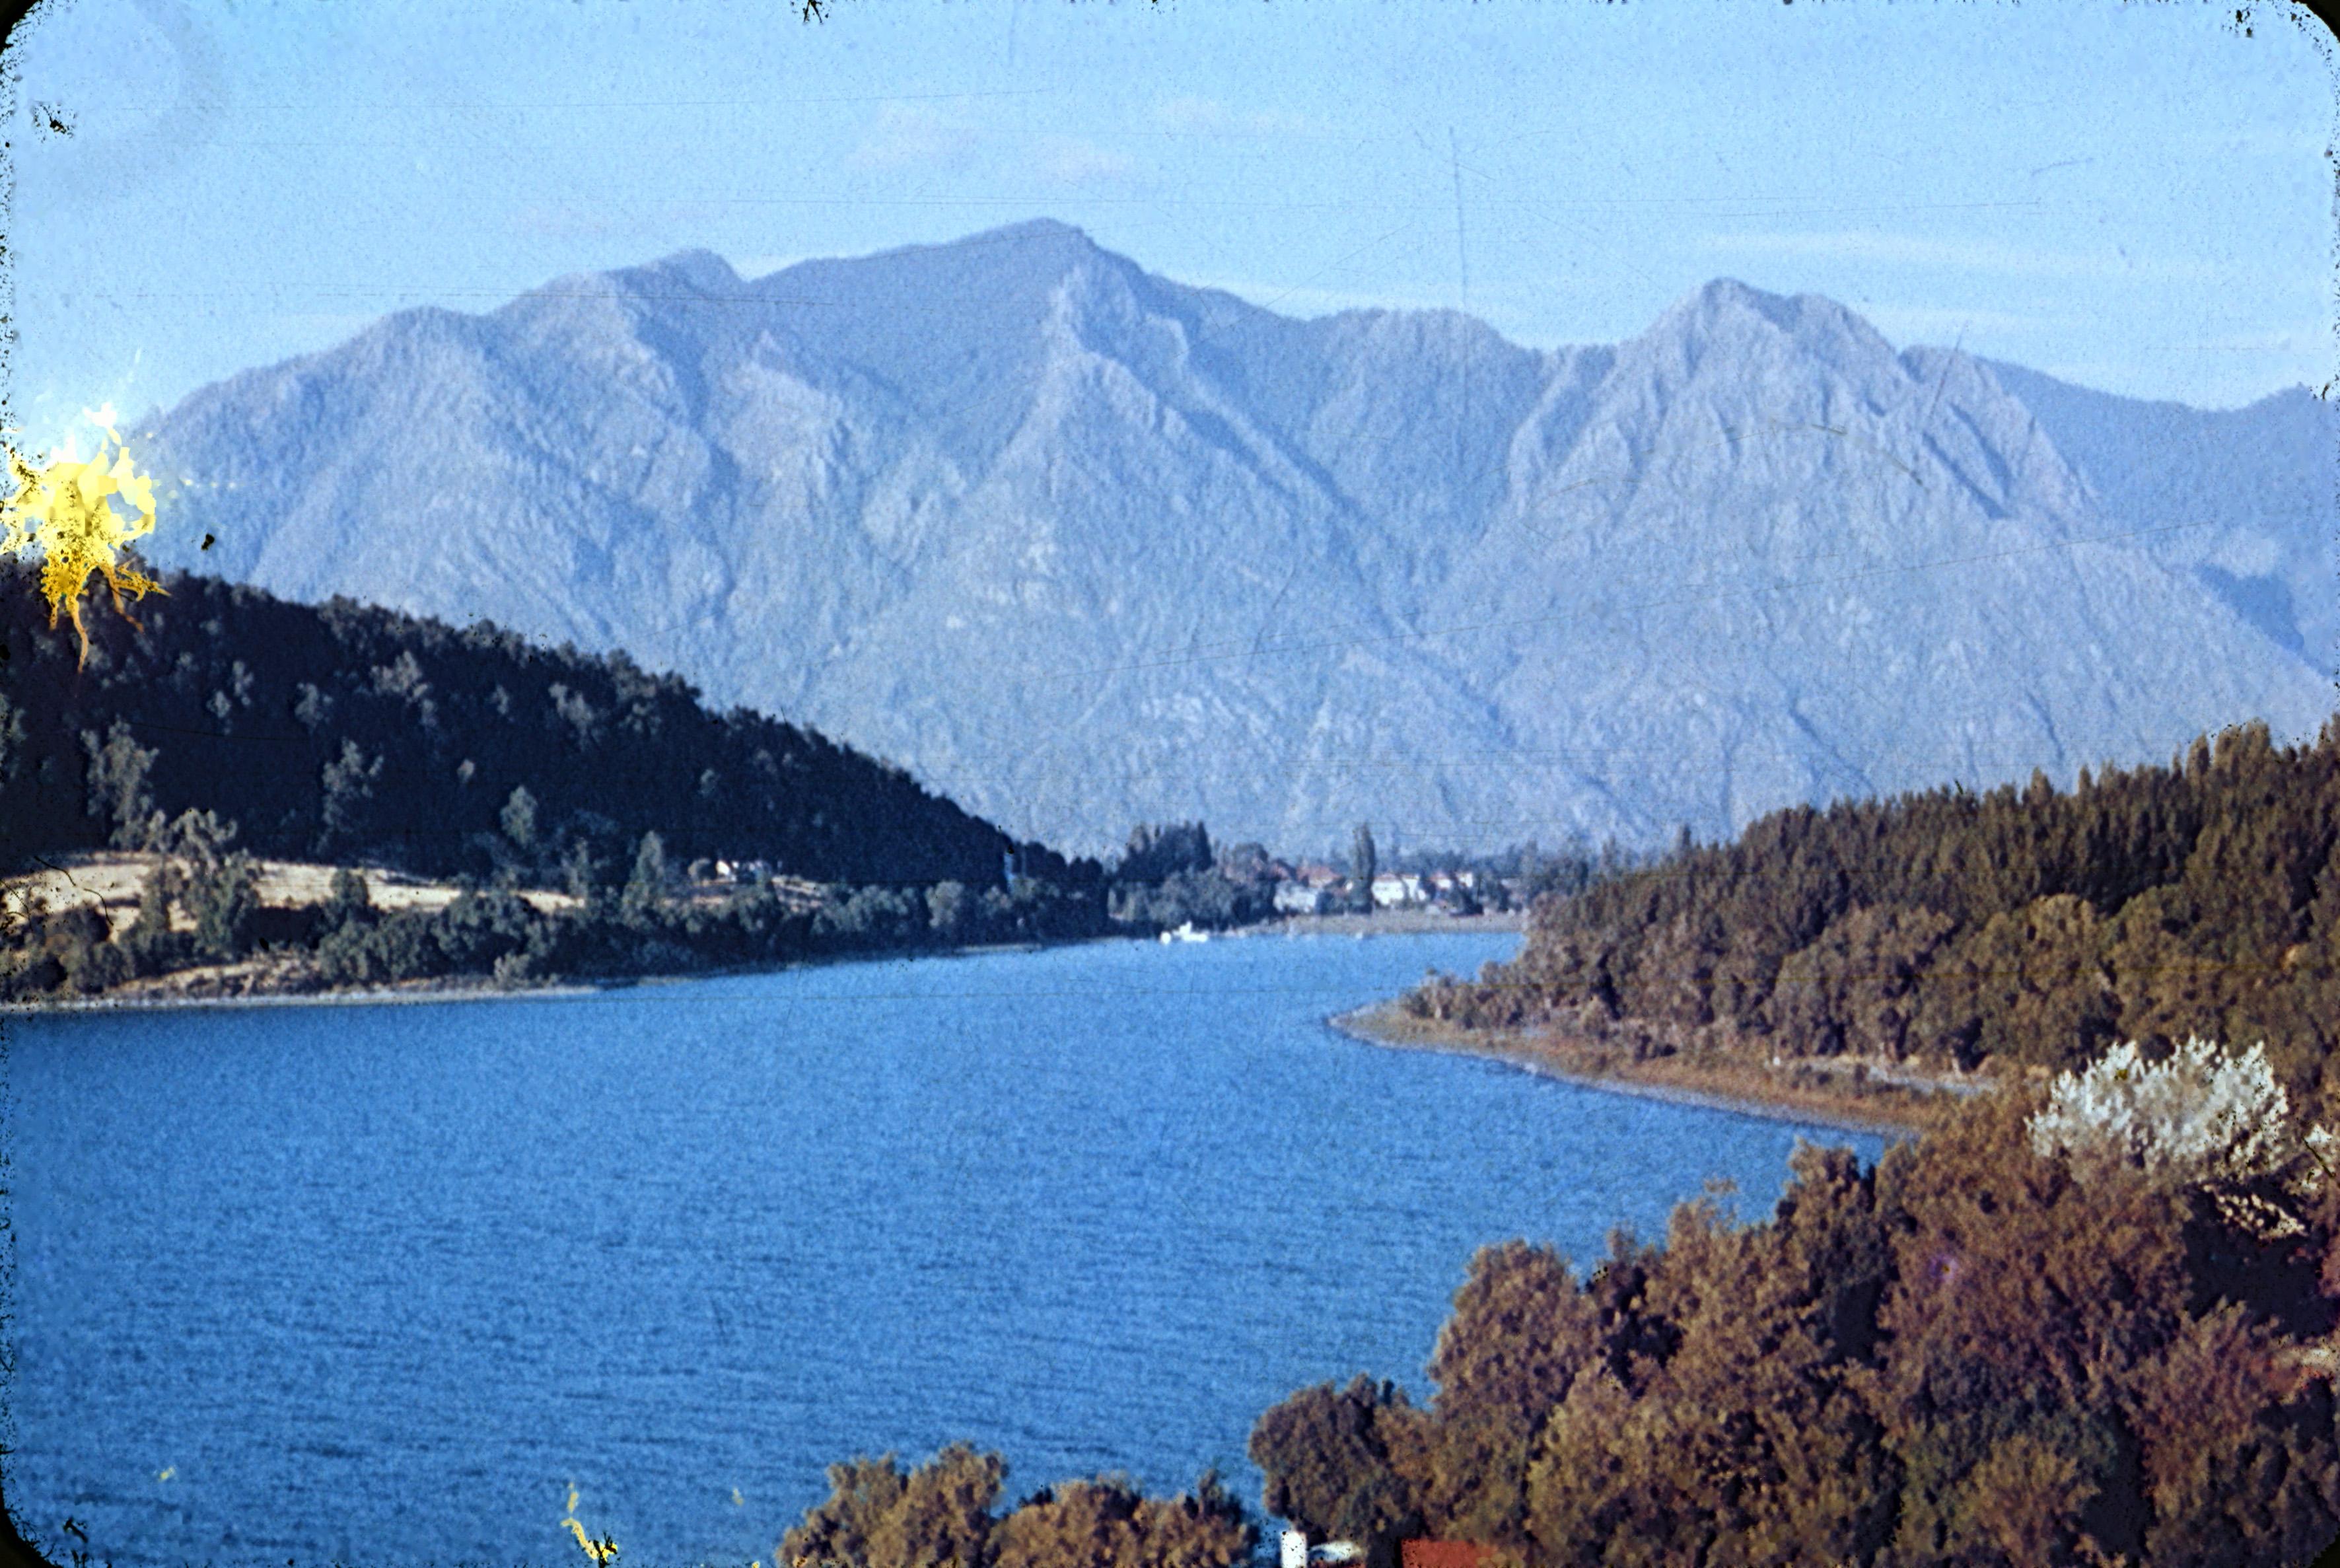 Enterreno - Fotos históricas de chile - fotos antiguas de Chile - Lago Villarrica desde el sur, 1960s